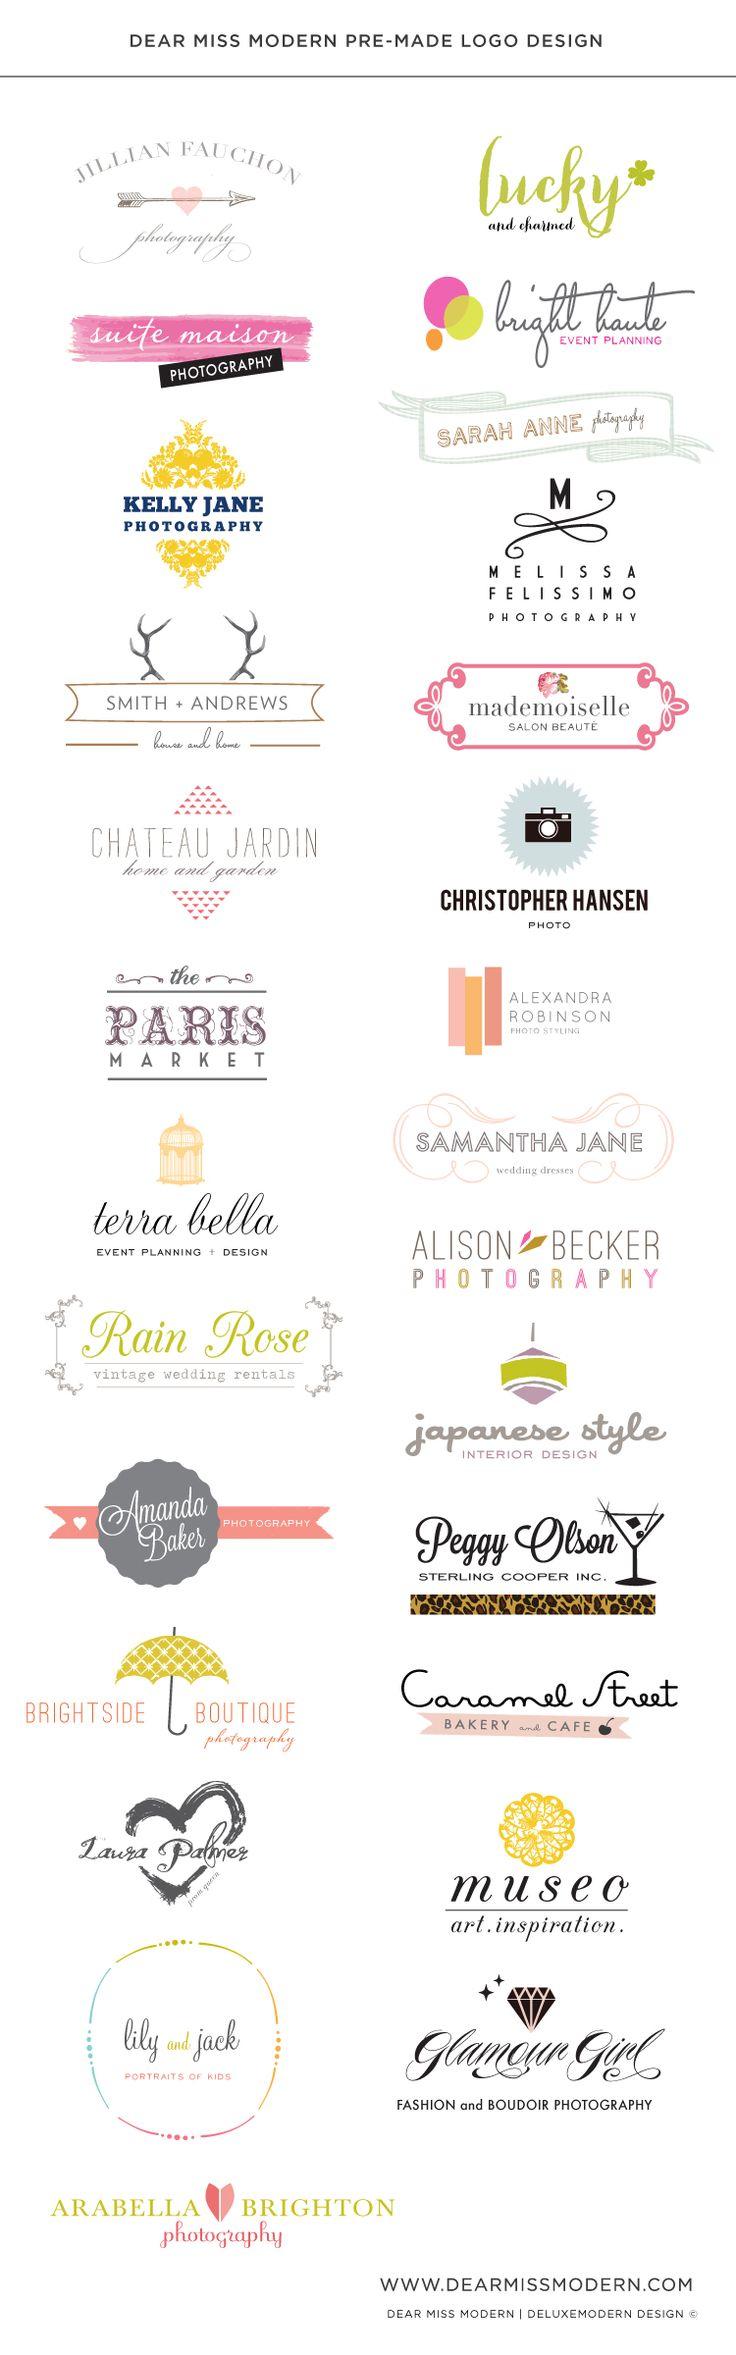 Dear Miss Modern Logos